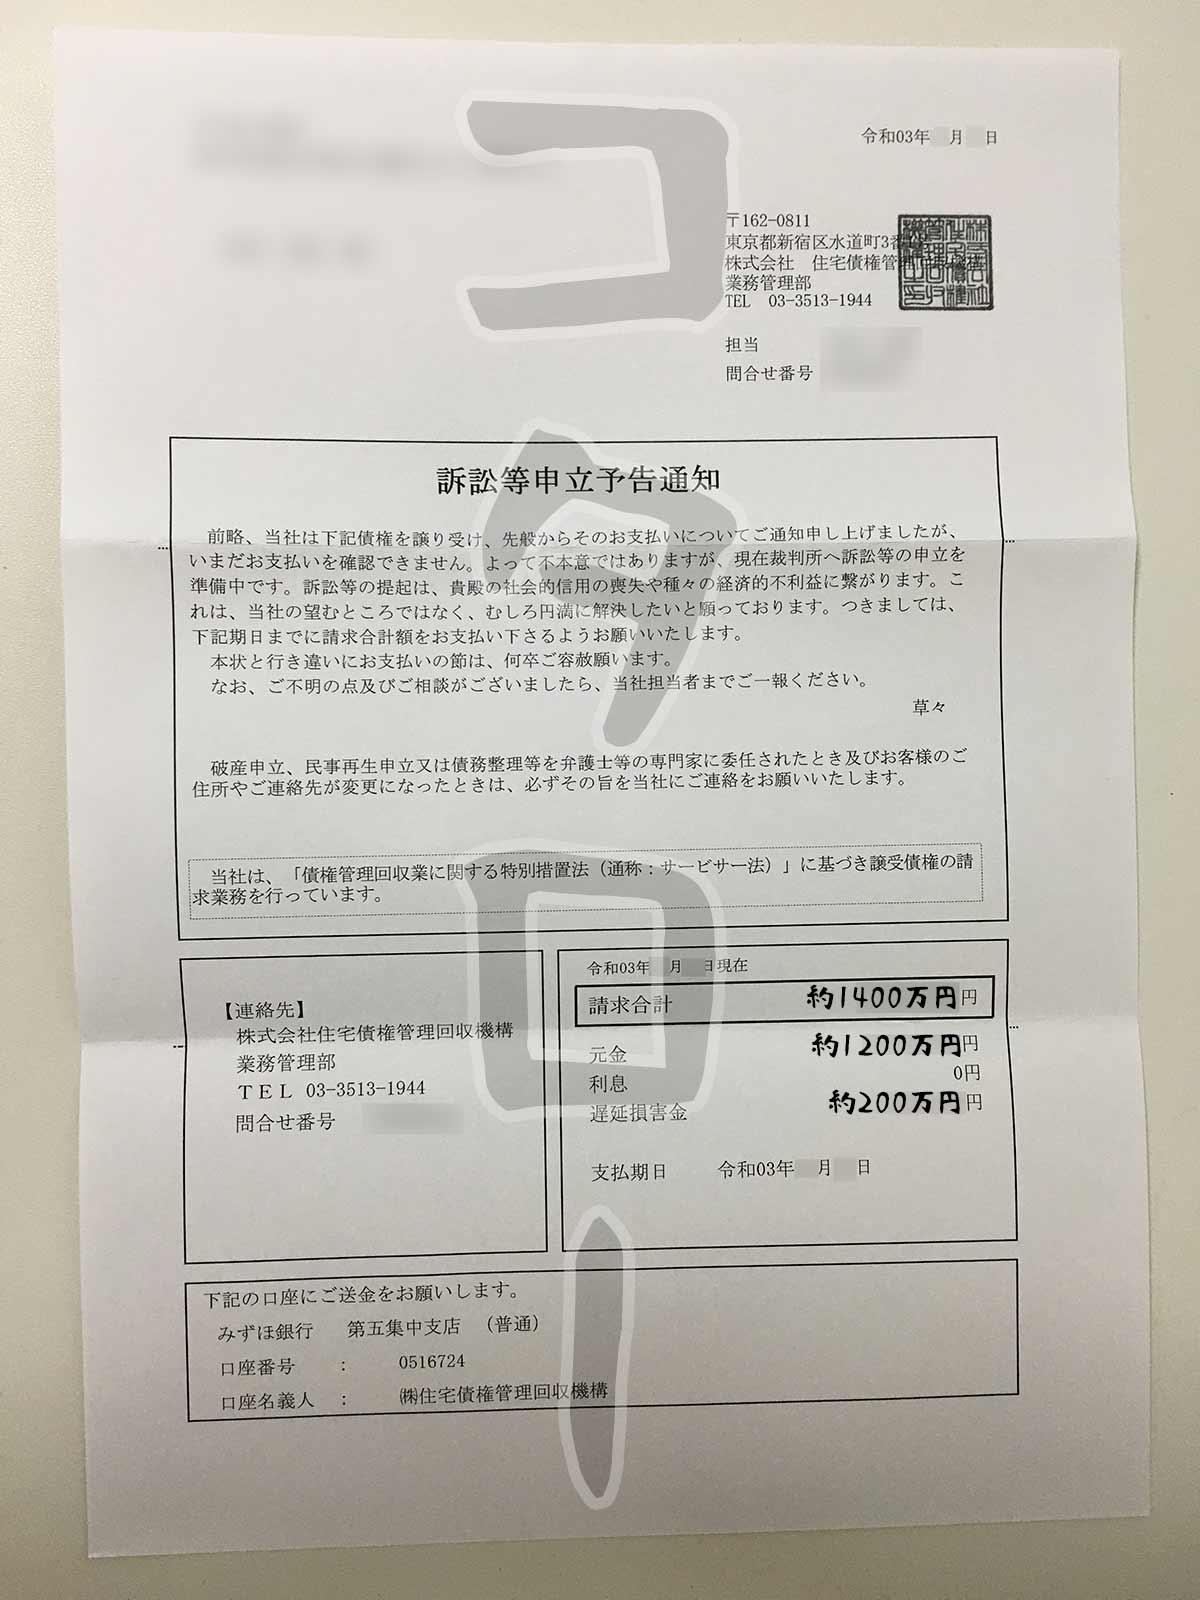 住宅債権管理回収機構訴訟等申立予告通知-min